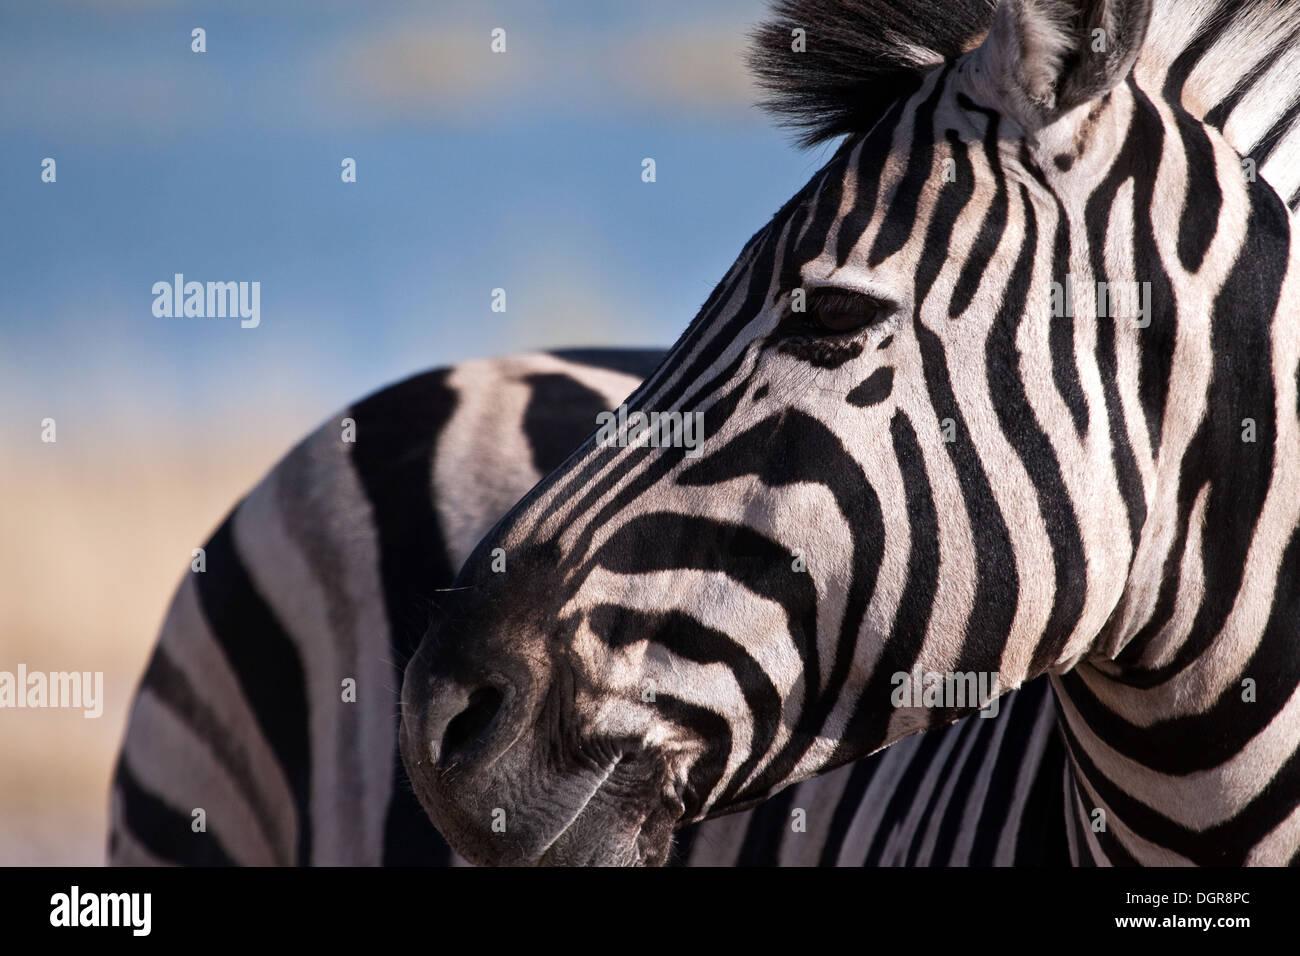 Zebra's head - Stock Image